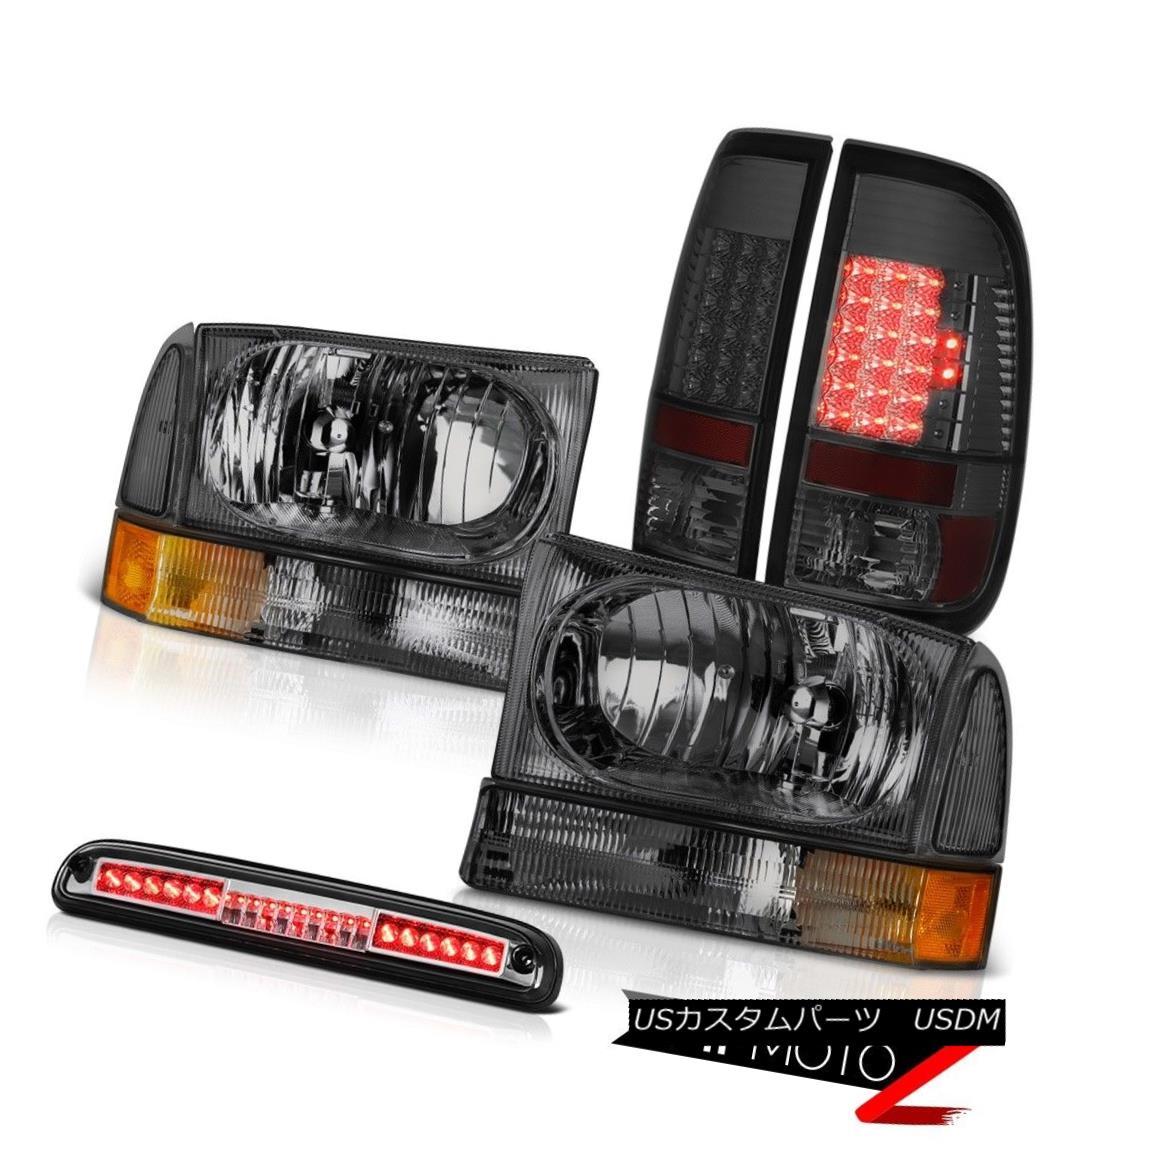 テールライト 99-04 Ford F350 SD Crystal Headlamps L.E.D Taillights Smoke Chrome 3rd Brake LED 99-04フォードF350 SDクリスタルヘッドランプL.E.Dテールライトスモーククローム第3ブレーキLED